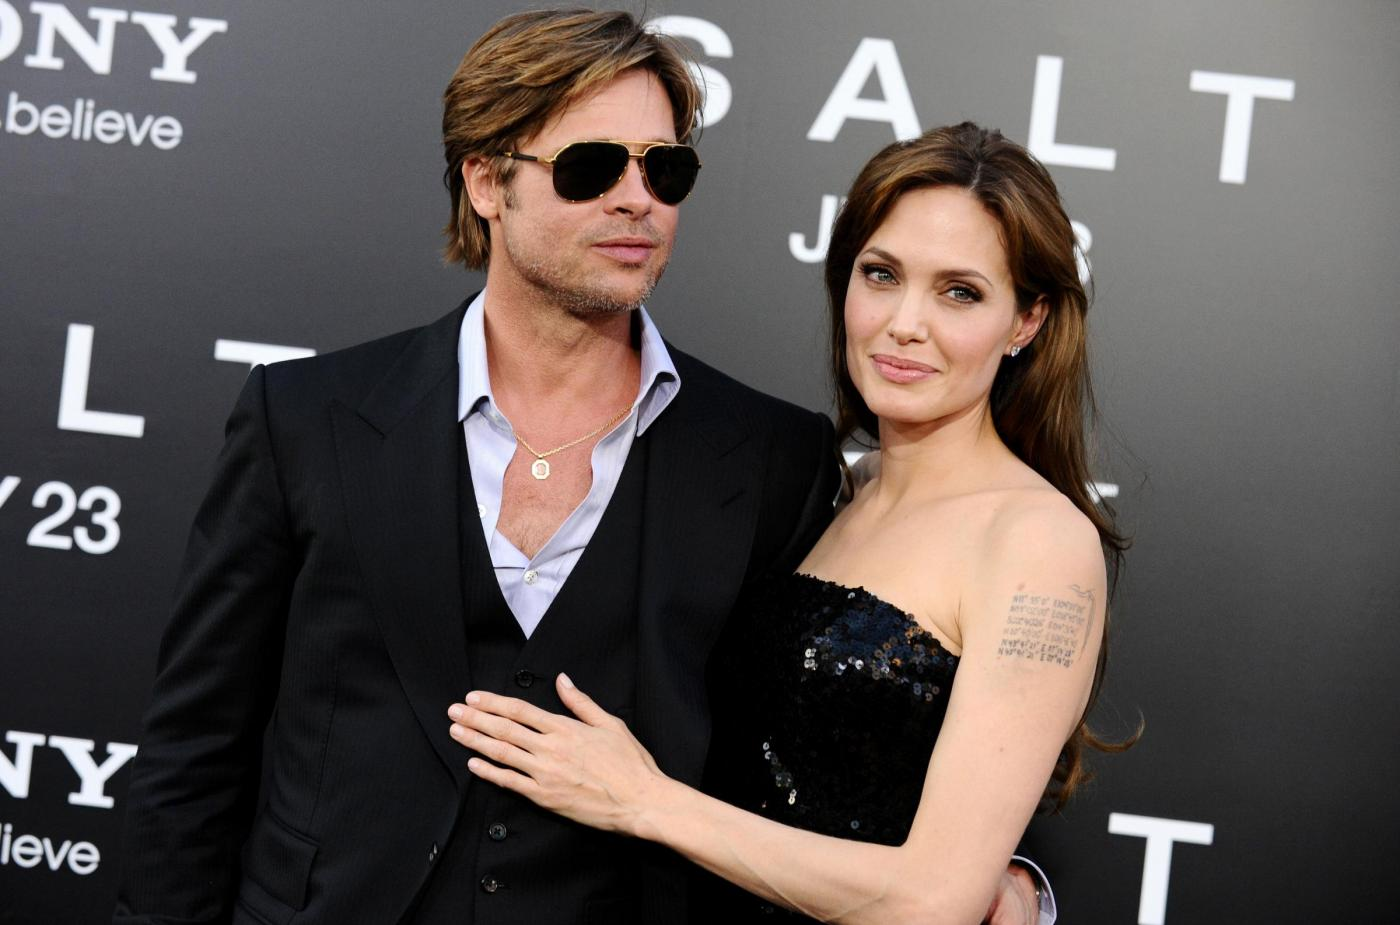 I figli di Brad Pitt e Angelina Jolie sarebbero senza controllo